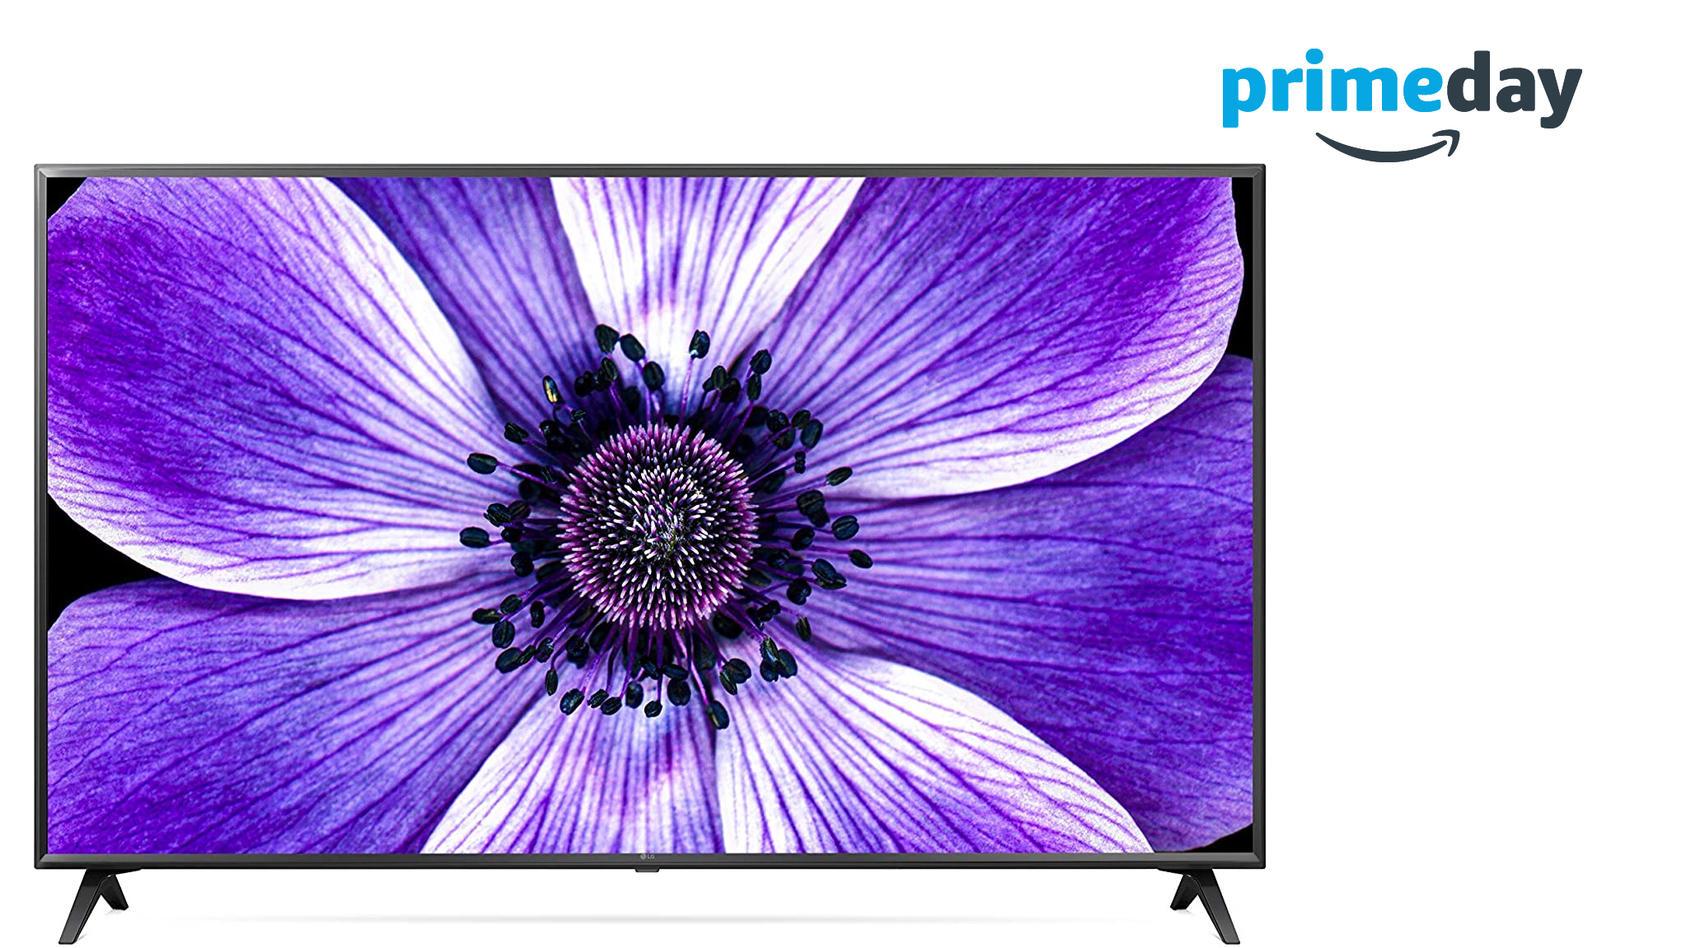 Die Preise für TV-Geräte, zum Beispiel der 65-Zoll-UHD-Fernseher von LG, sind zum Prime Day 2020 stark reduziert.